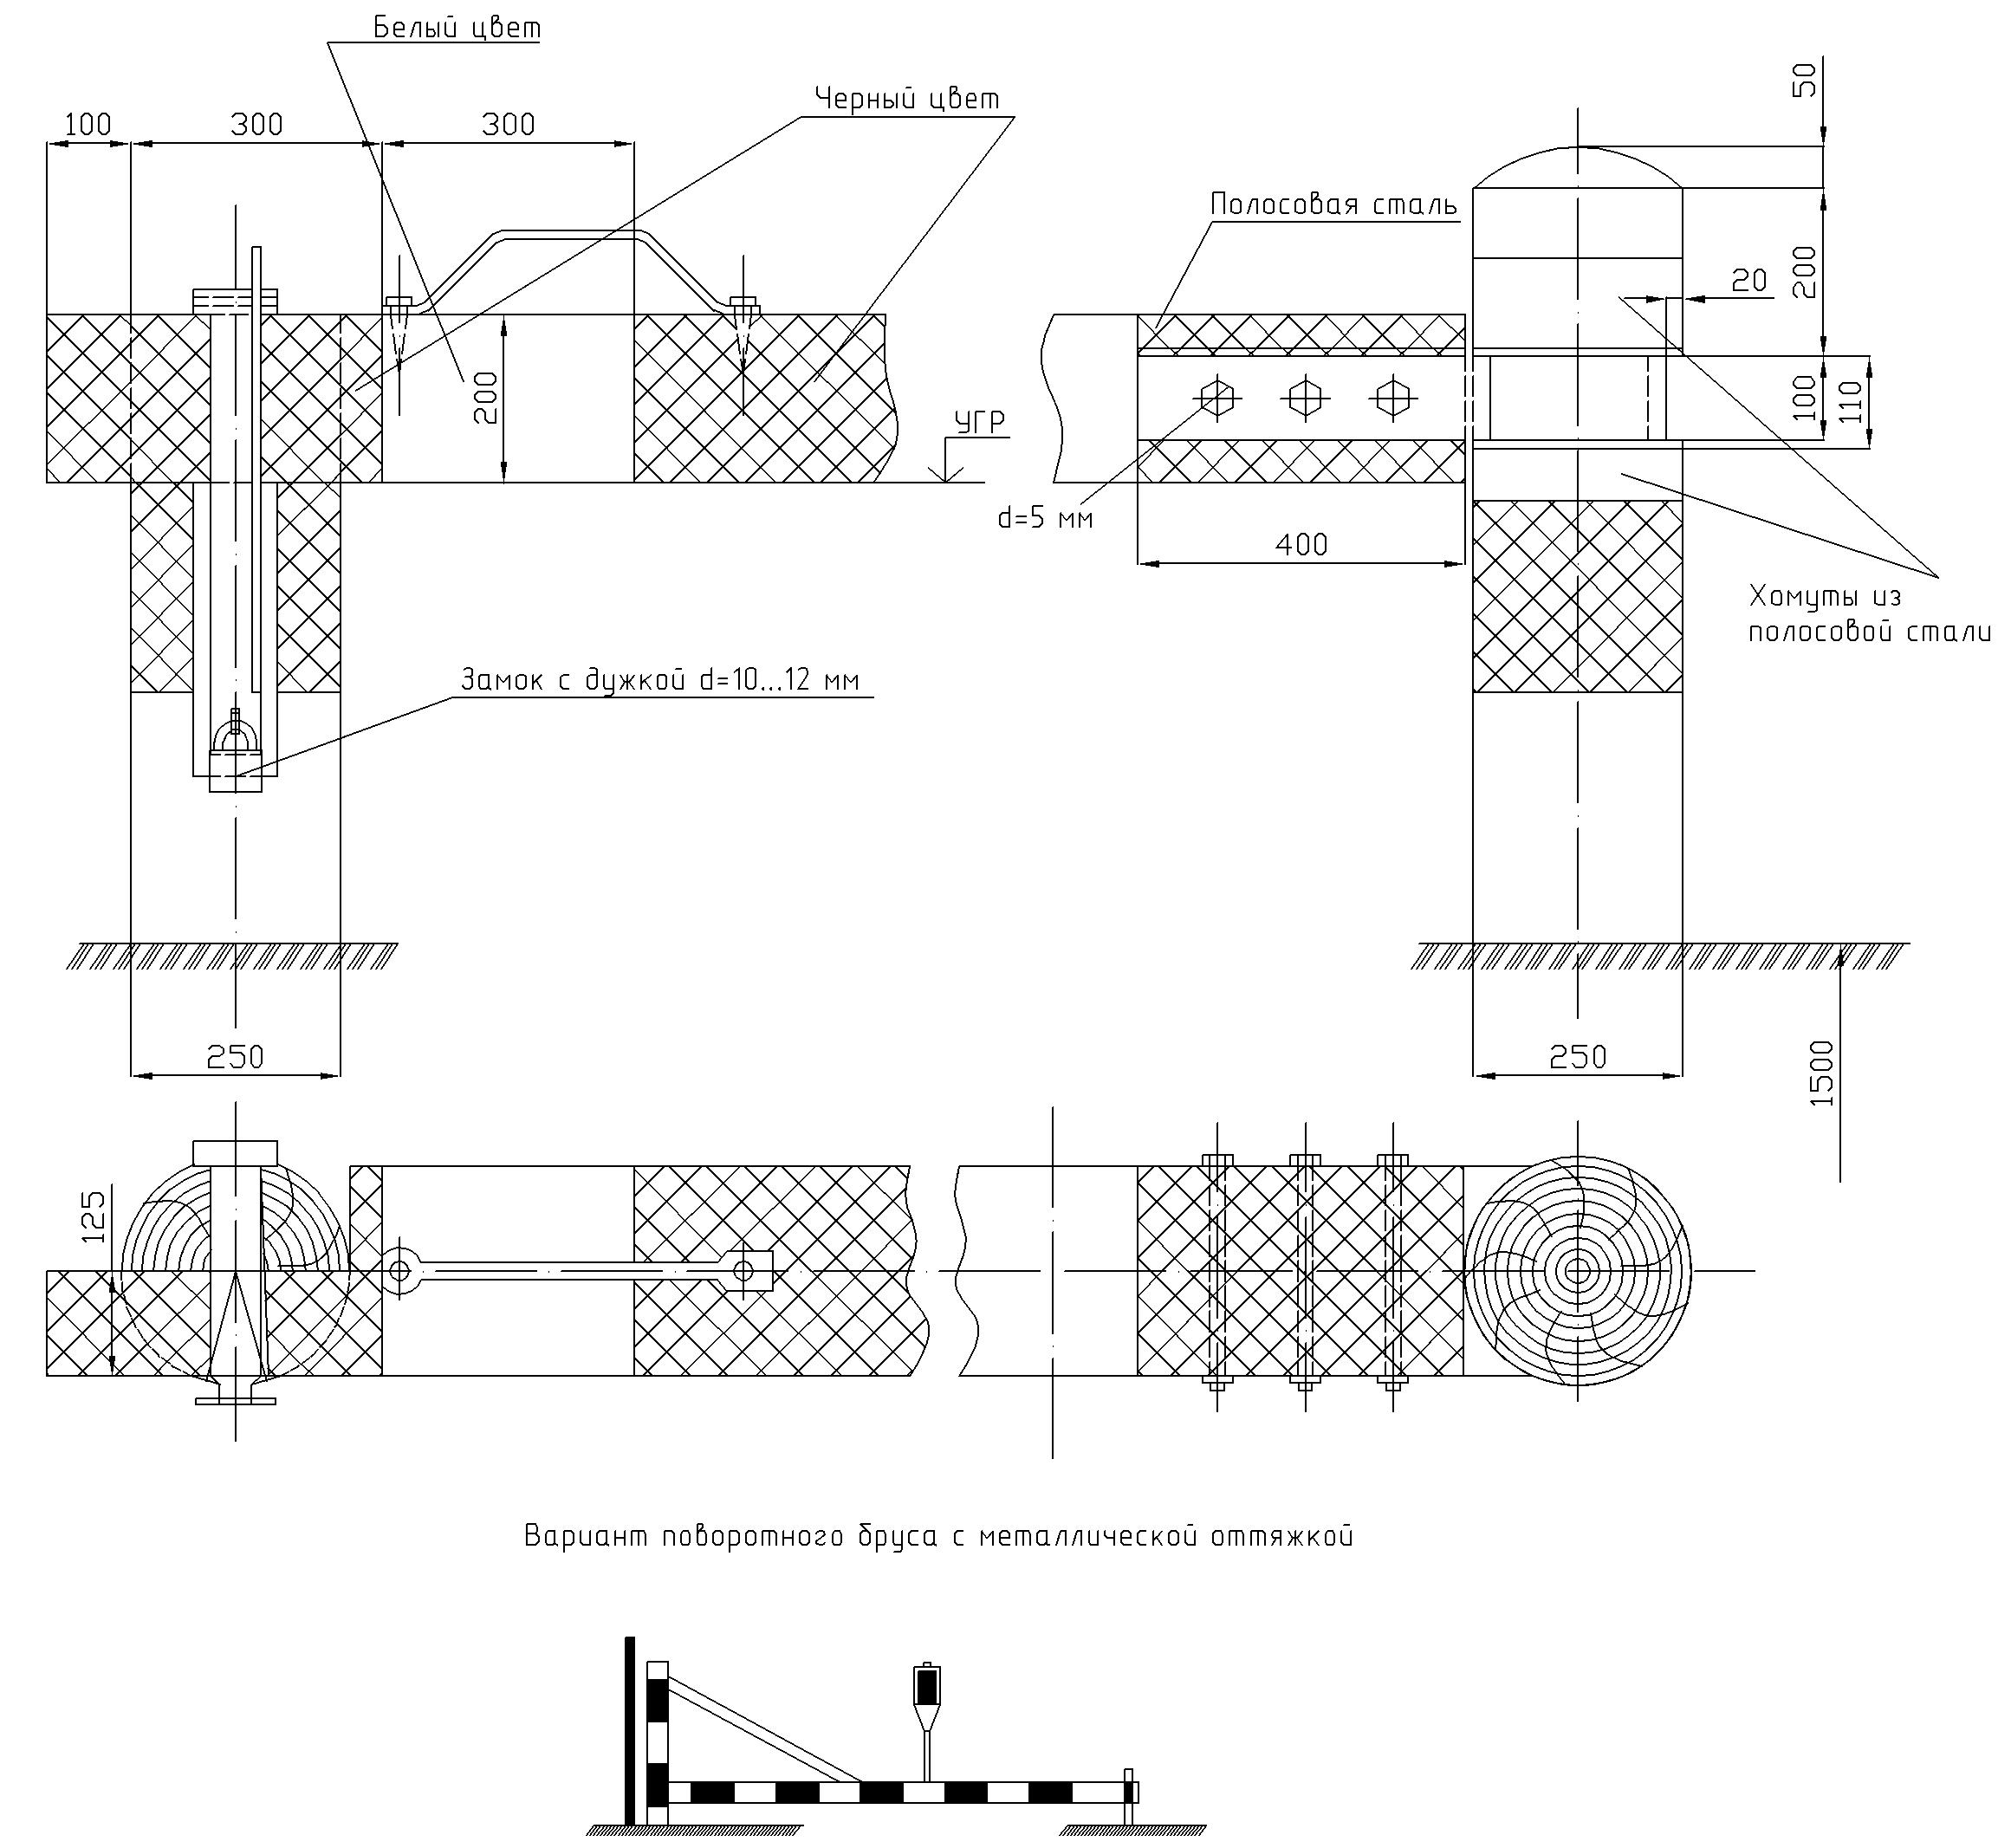 Рисунок 62. Поворотный брус путевого заграждения